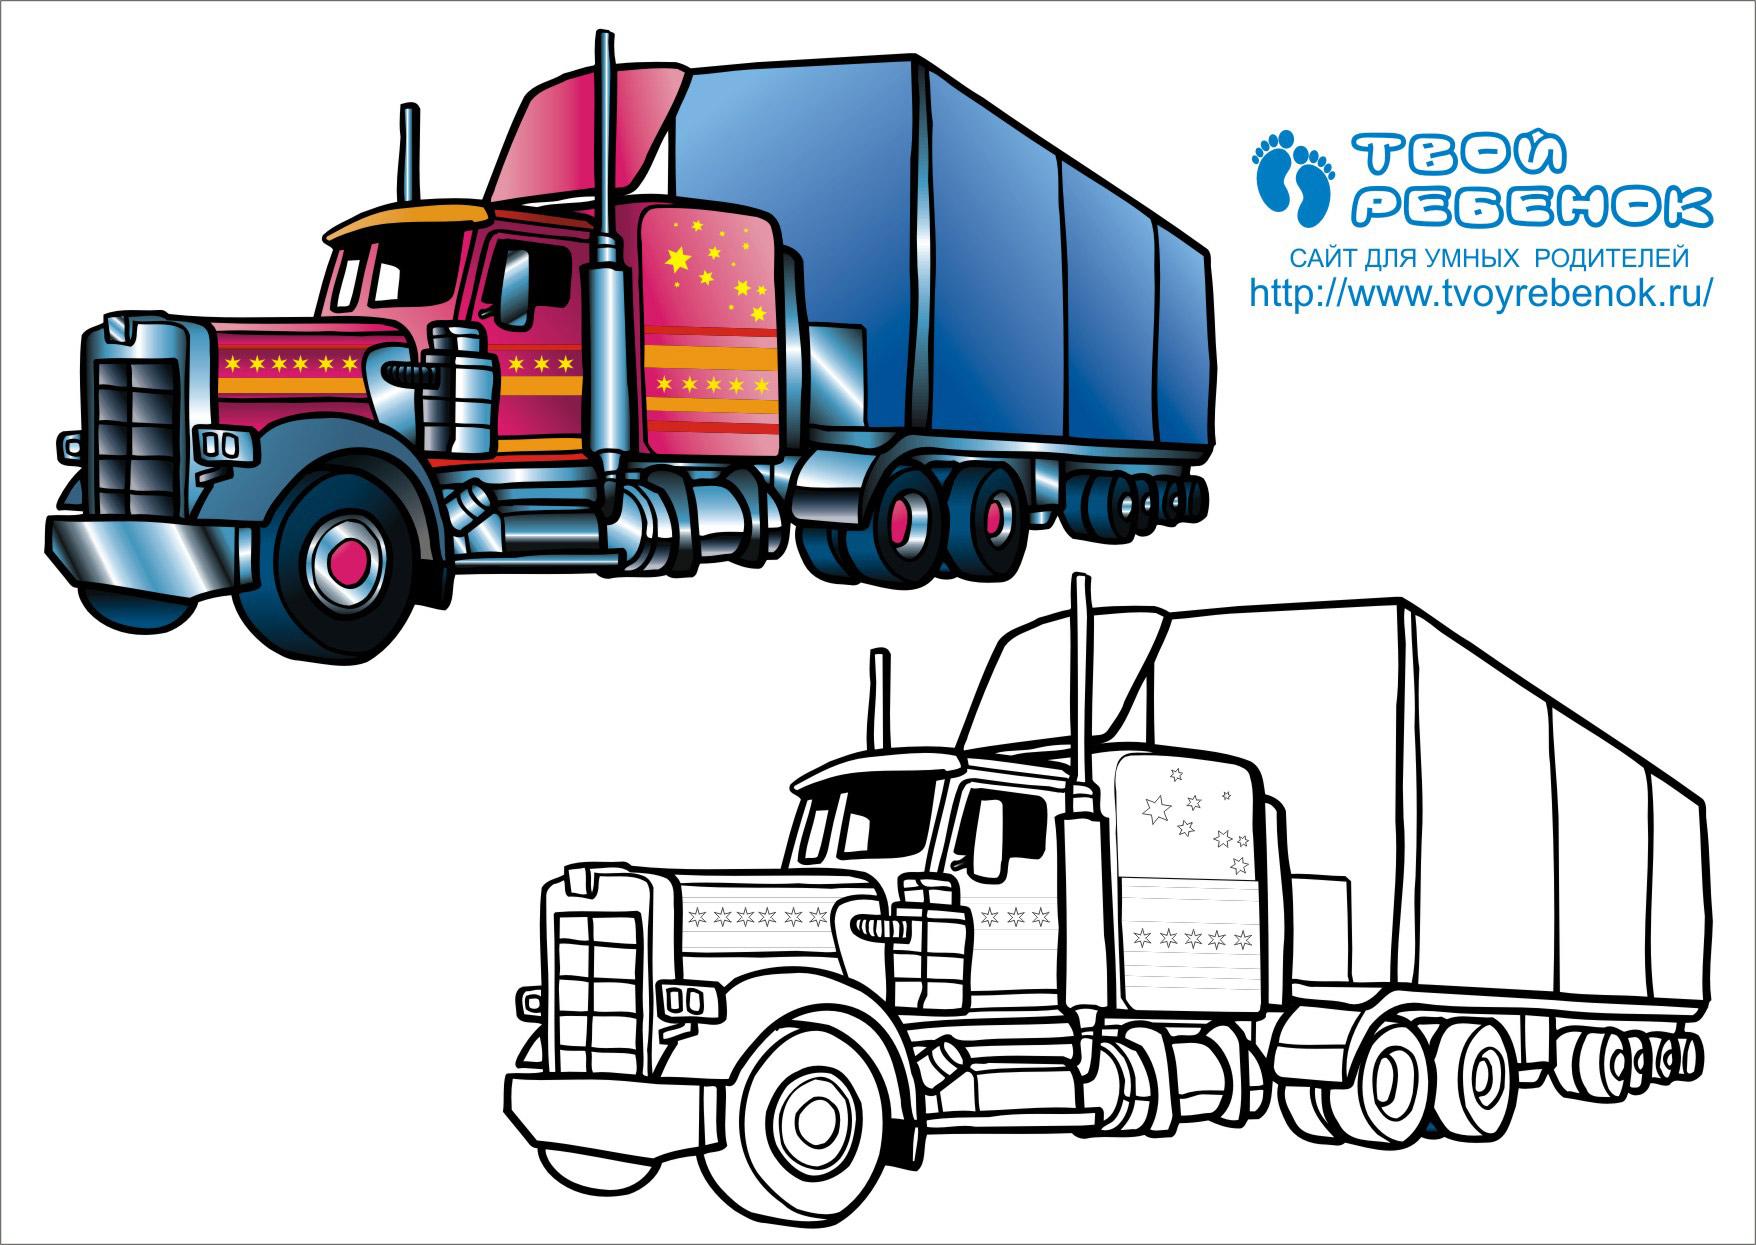 раскраска для мальчиков фура грузовик скачать бесплатно